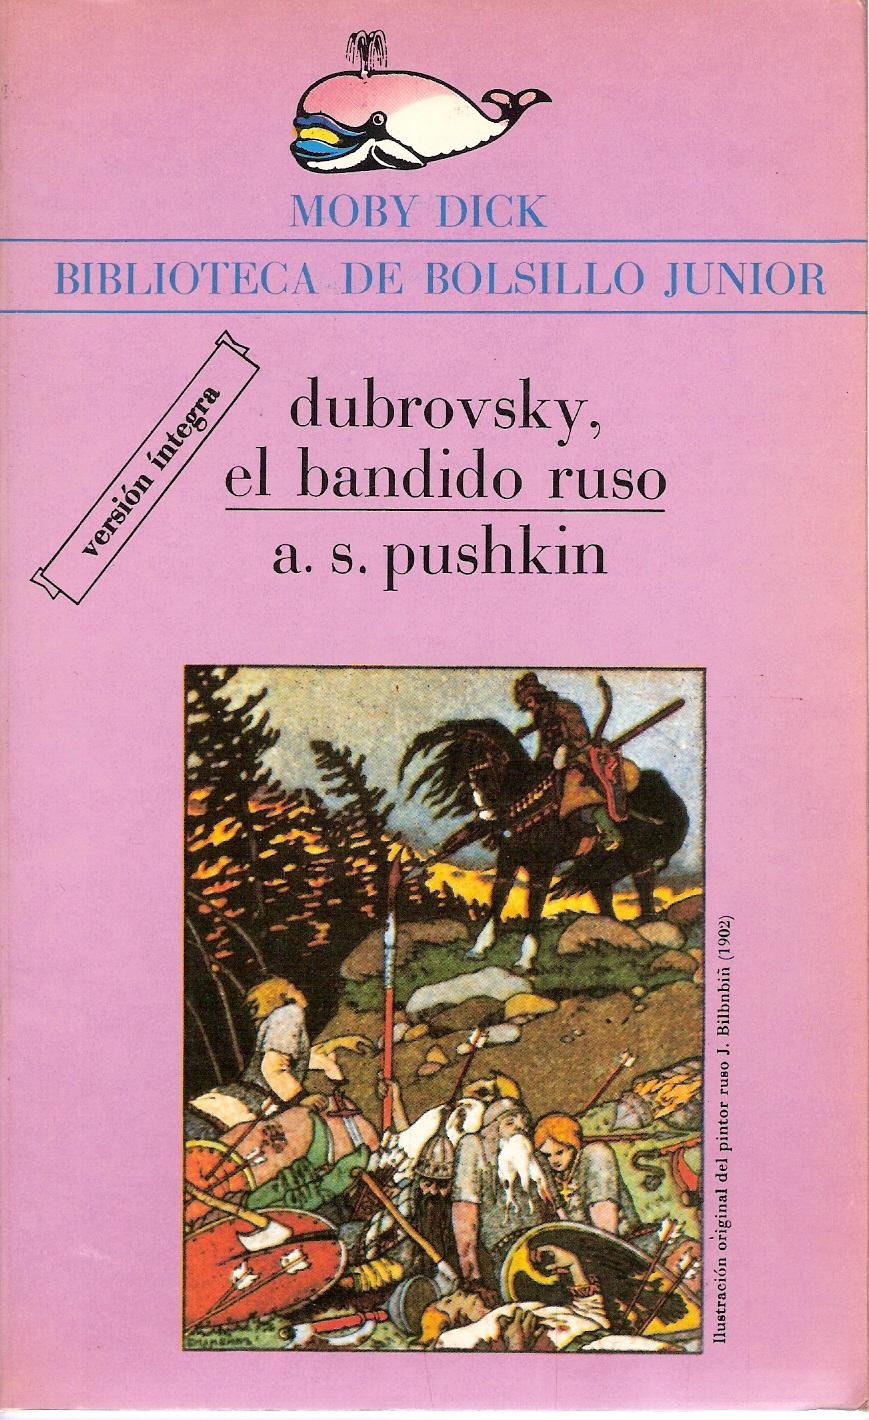 Dubrovsky, el bandido ruso